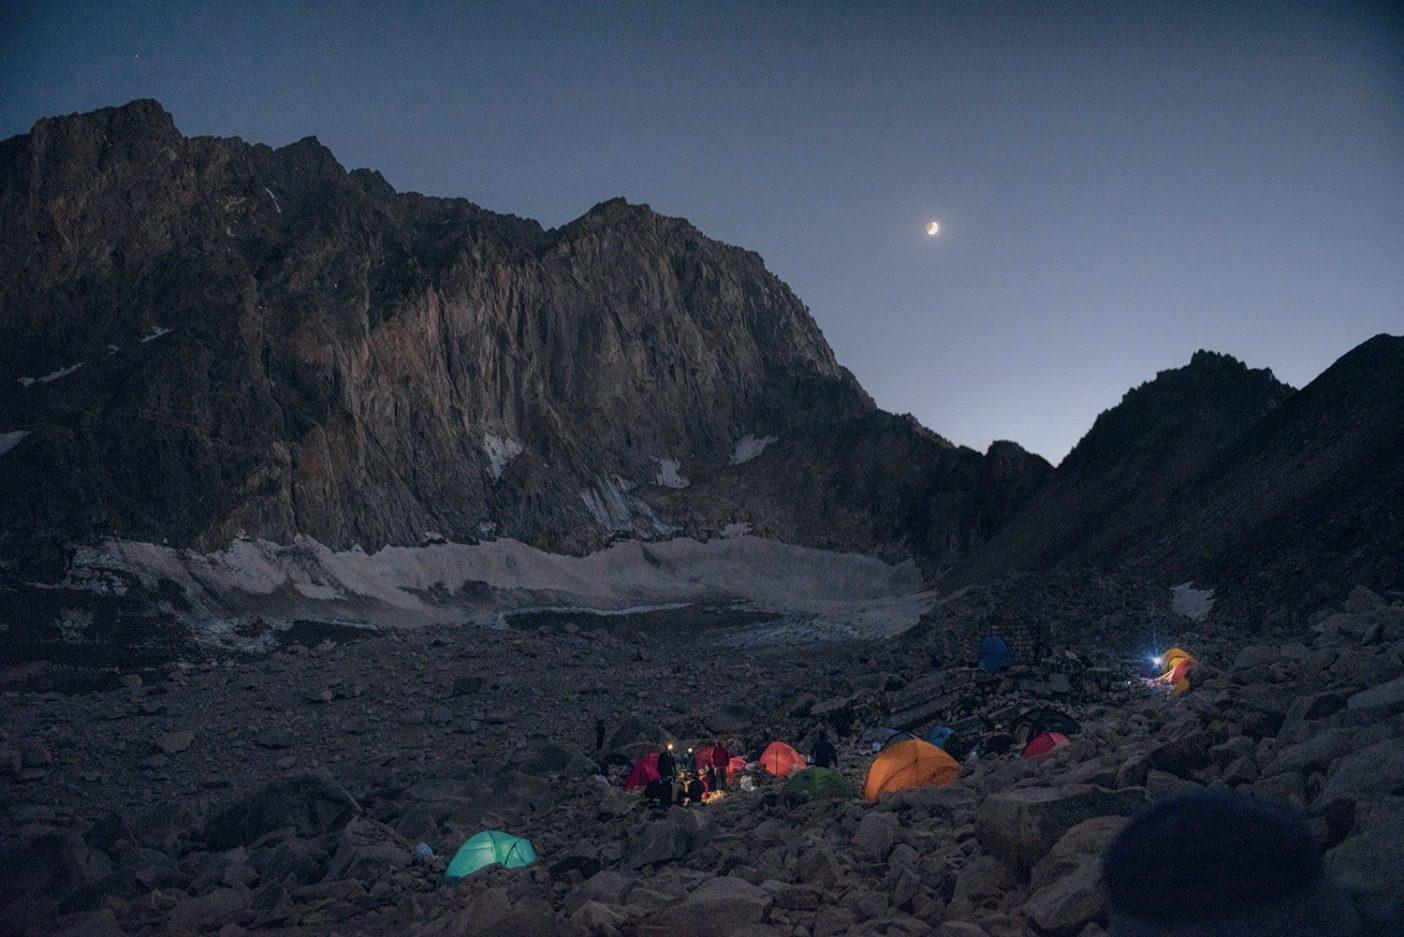 拡大しつづける人口1,500万のテヘラン首都圏までは100キロメートル弱しか離れていないものの、私たちがいたアラムクーのベースキャンプはカラスが空を舞い、まるで異次元のようだった。極度に冷え込んで闇が広がる夜には、アラムクー山塊の背後に月が沈み、火星が瞬き、天の川が幾千もの銀河を藍色の夜空に散りばめていた。 Photo: Beth Wald